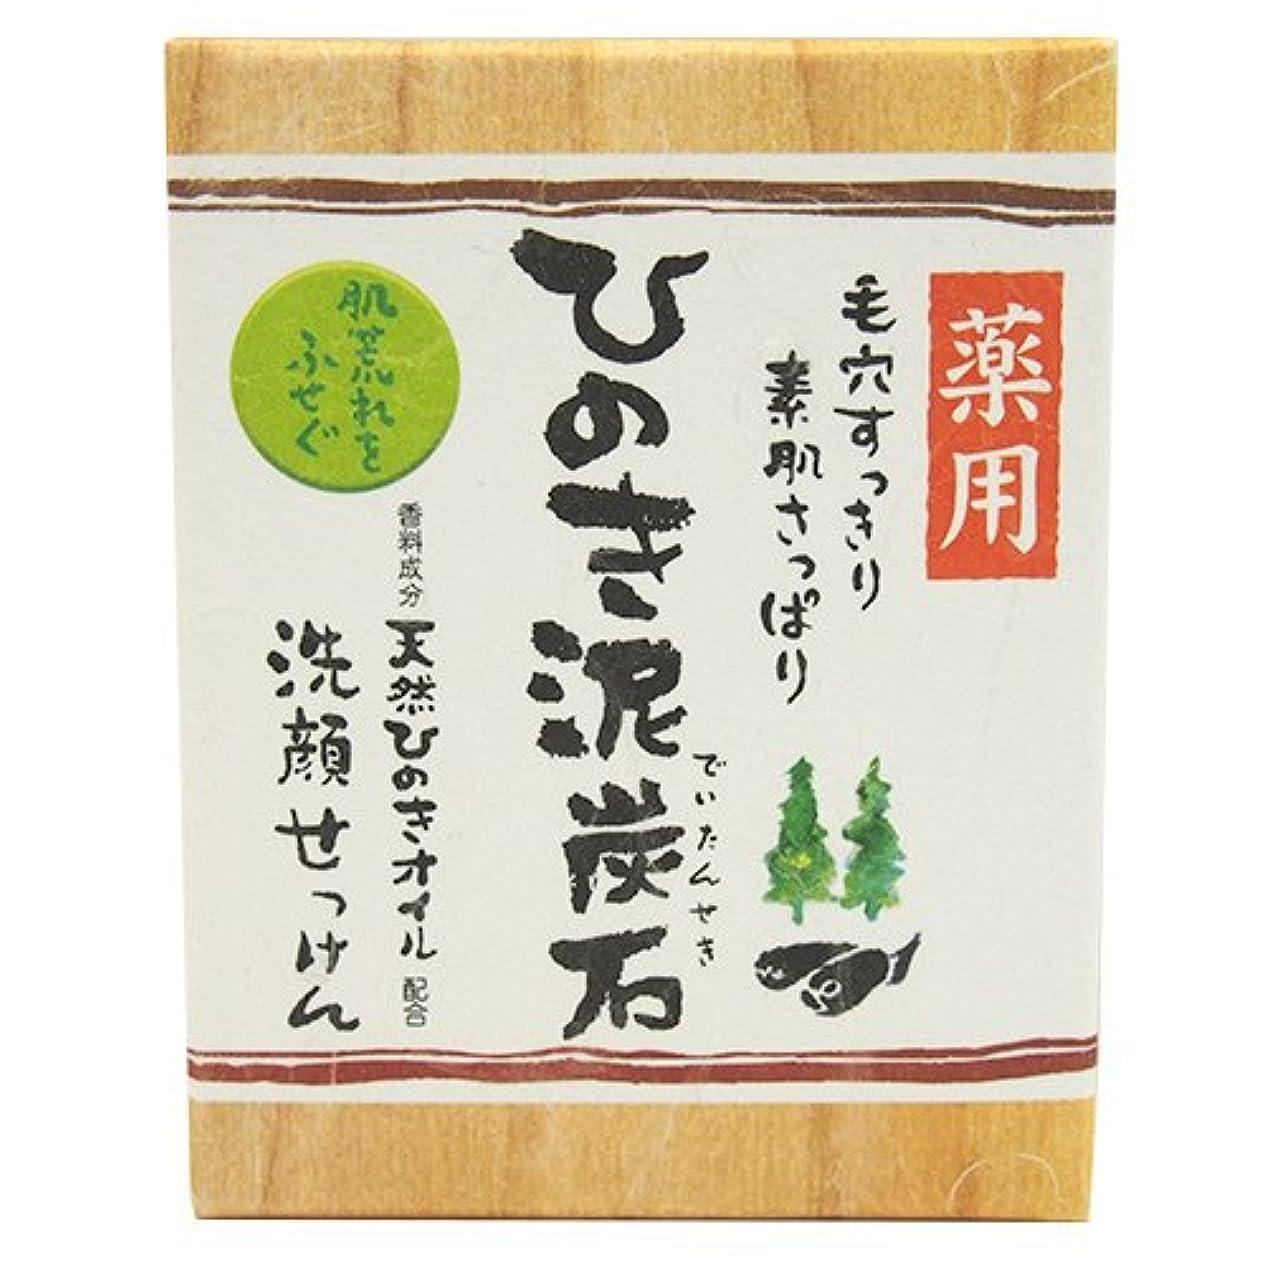 階層同一のパウダー東京宝 薬用ひのき泥炭石 すっきり黒タイプ 洗顔石鹸 75g